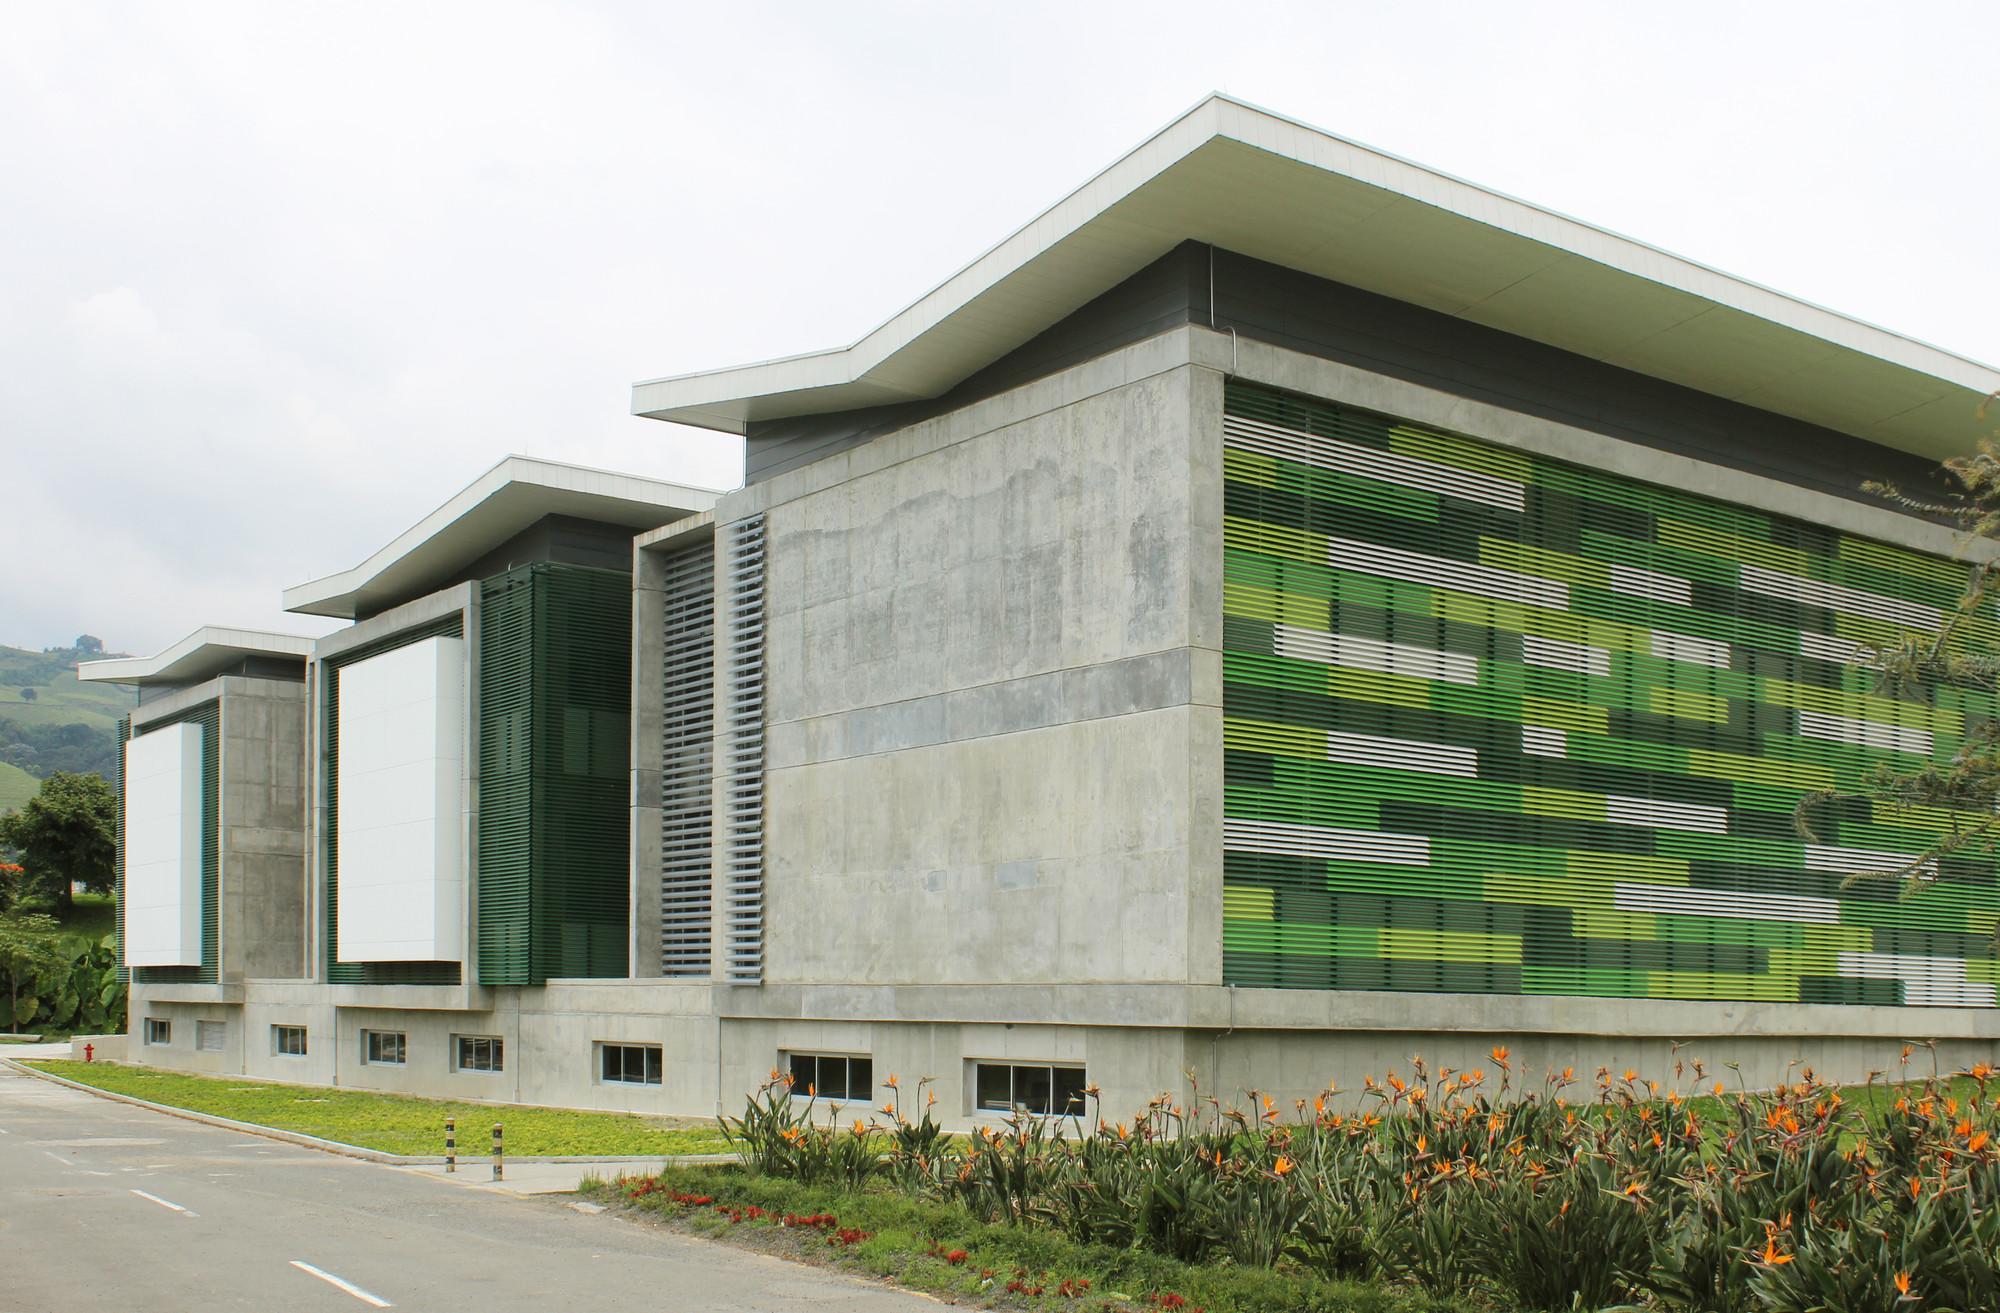 Galer a de edificio de qu mica e ingenier a qu mica for Edificios educativos arquitectura